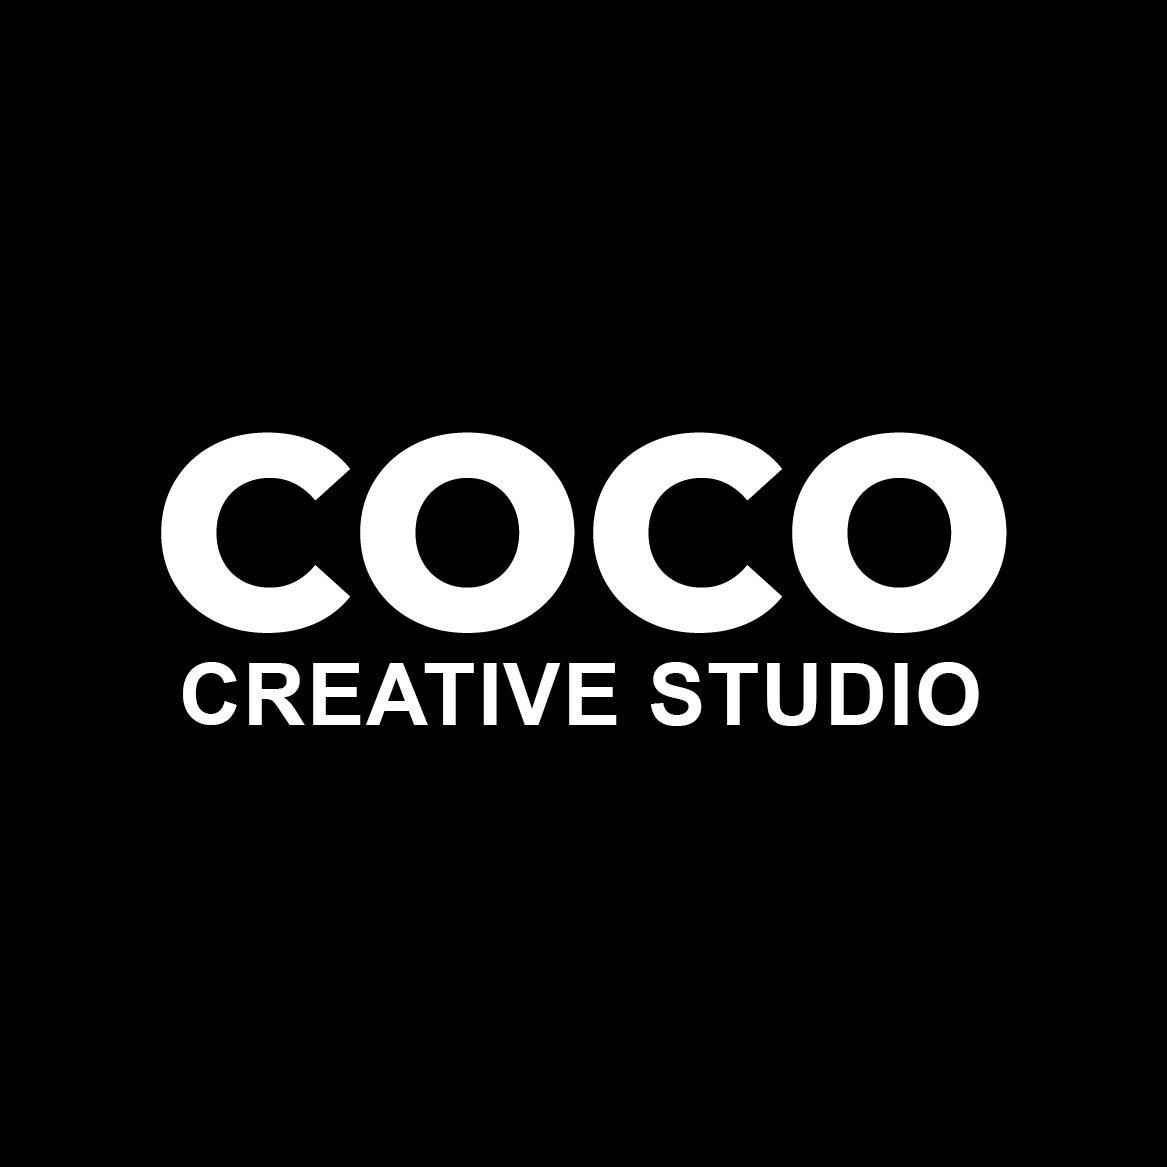 COCO PR Agency & COCO Creative Studio – Opening Party